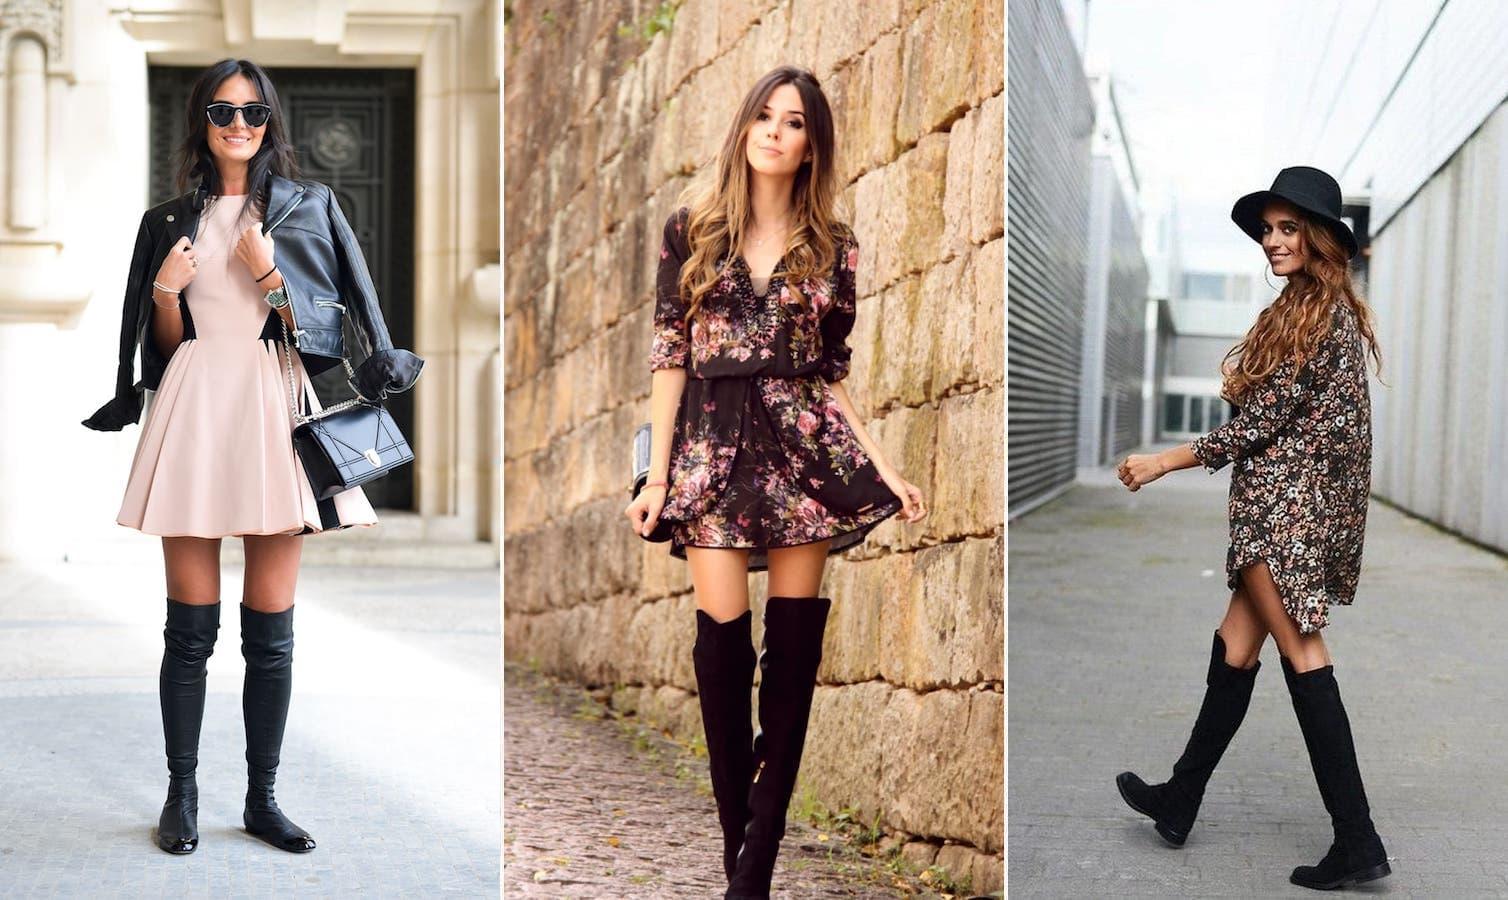 Какие платье одевать под сапоги в 2019 году: 7 идей